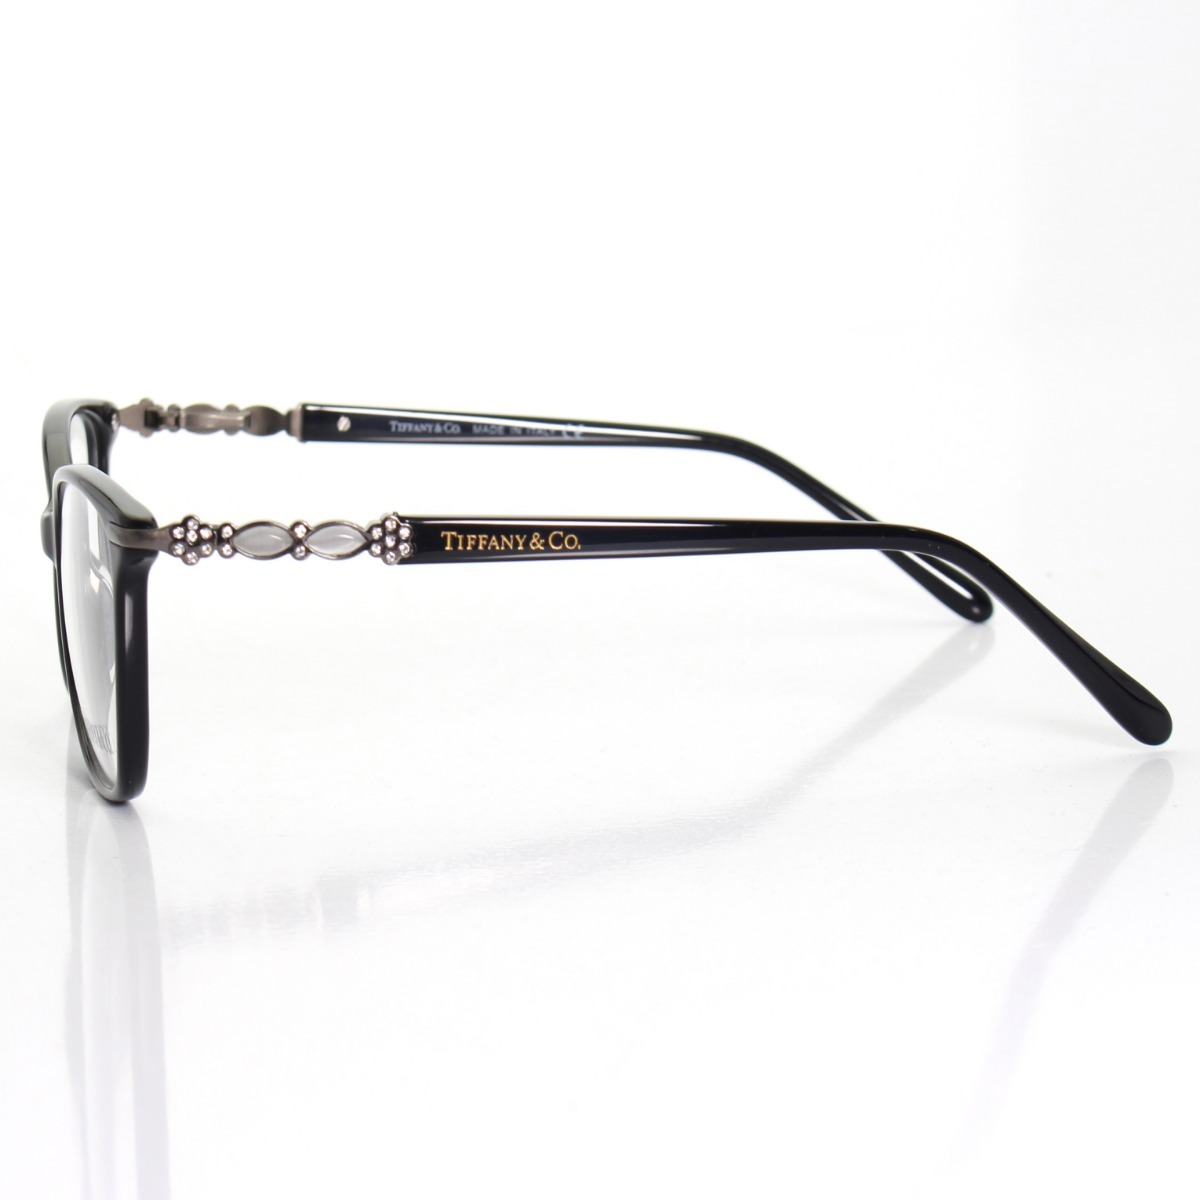 Armação De Grau Oculos Tiffany   Co Infinito Tf2130 Acetato - R  149 ... 0ff437d20a